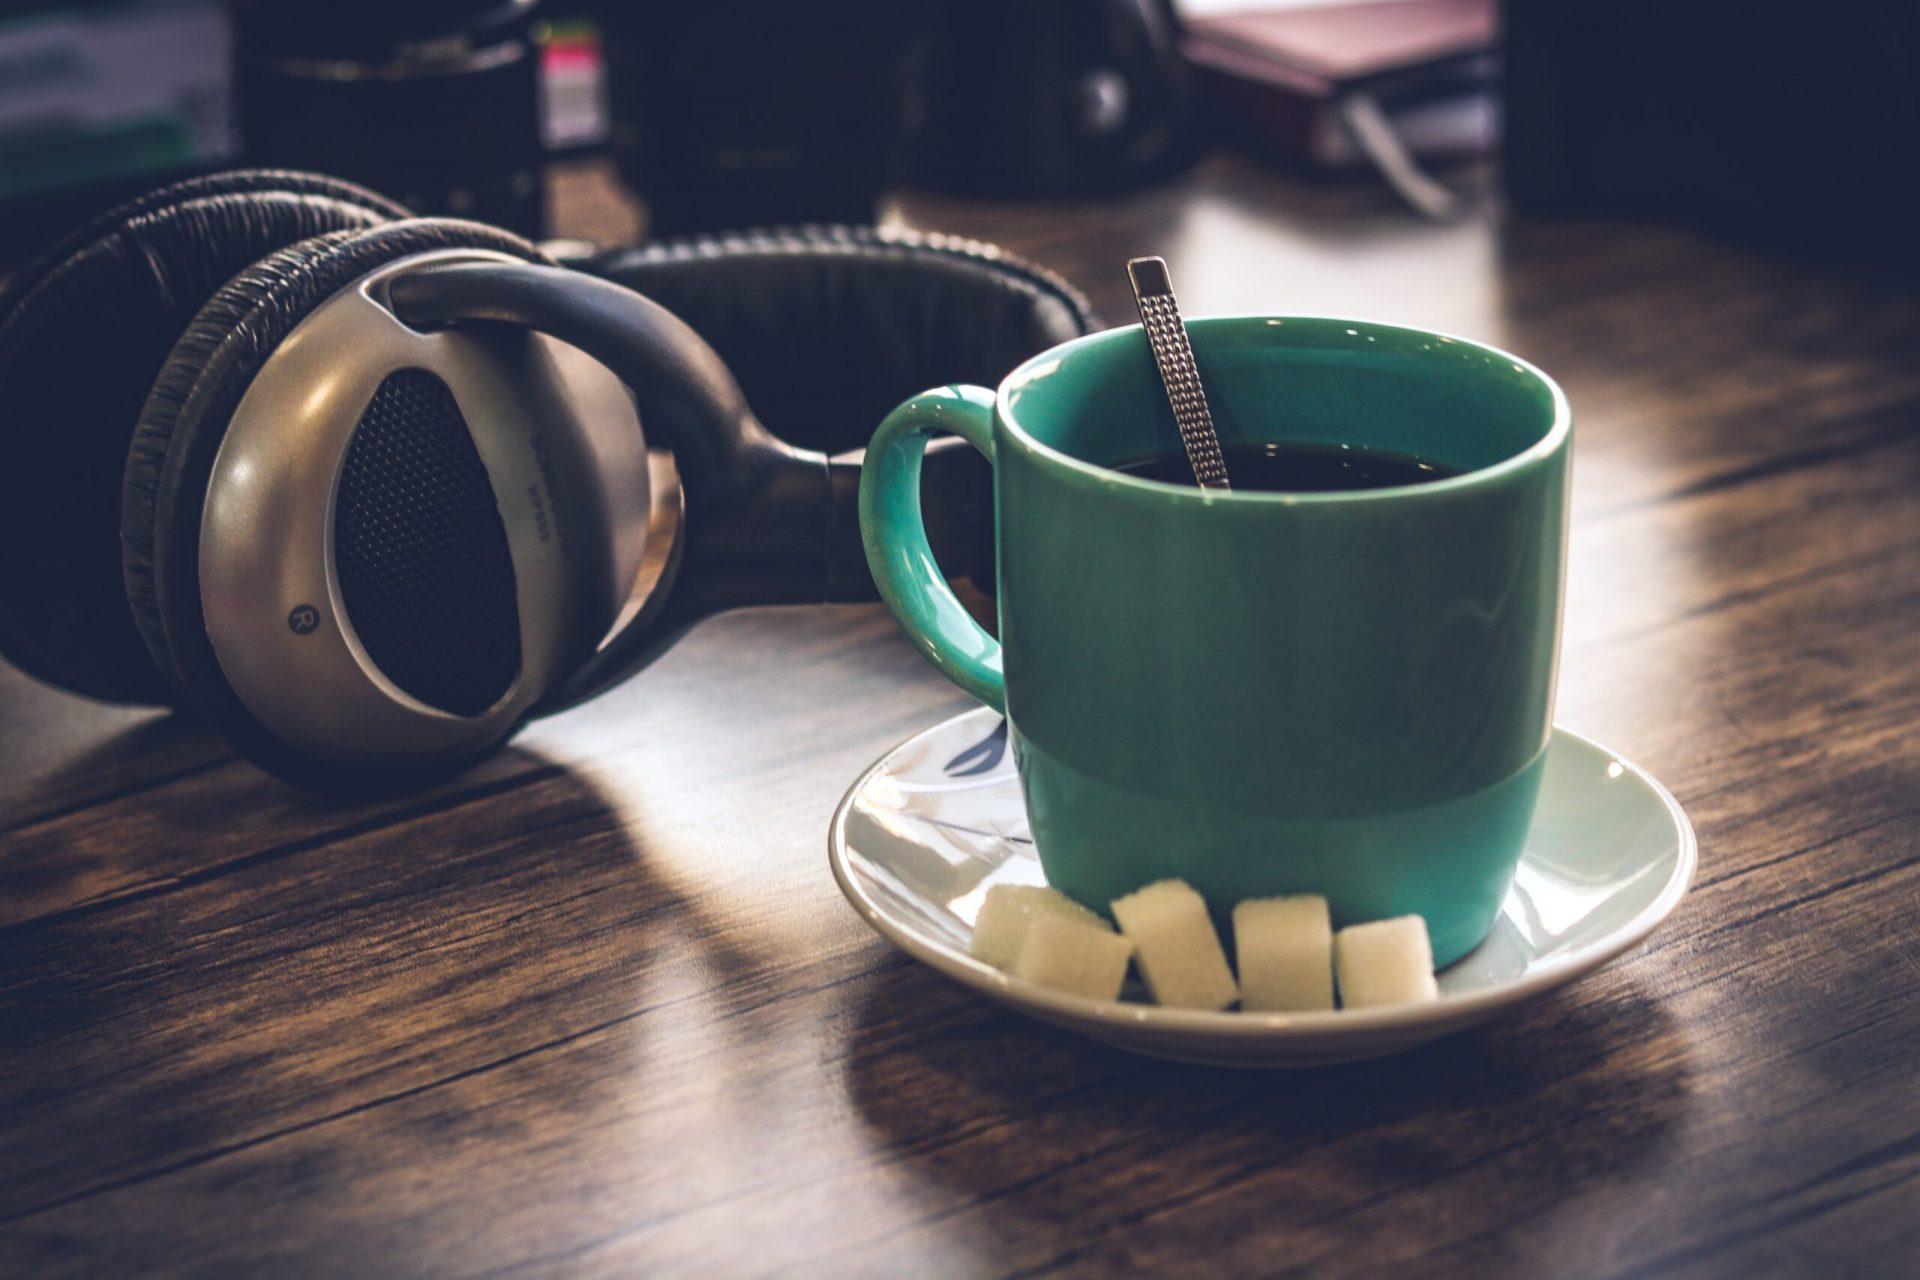 Dicas de podcasts sobre empreendedorismo e negócios